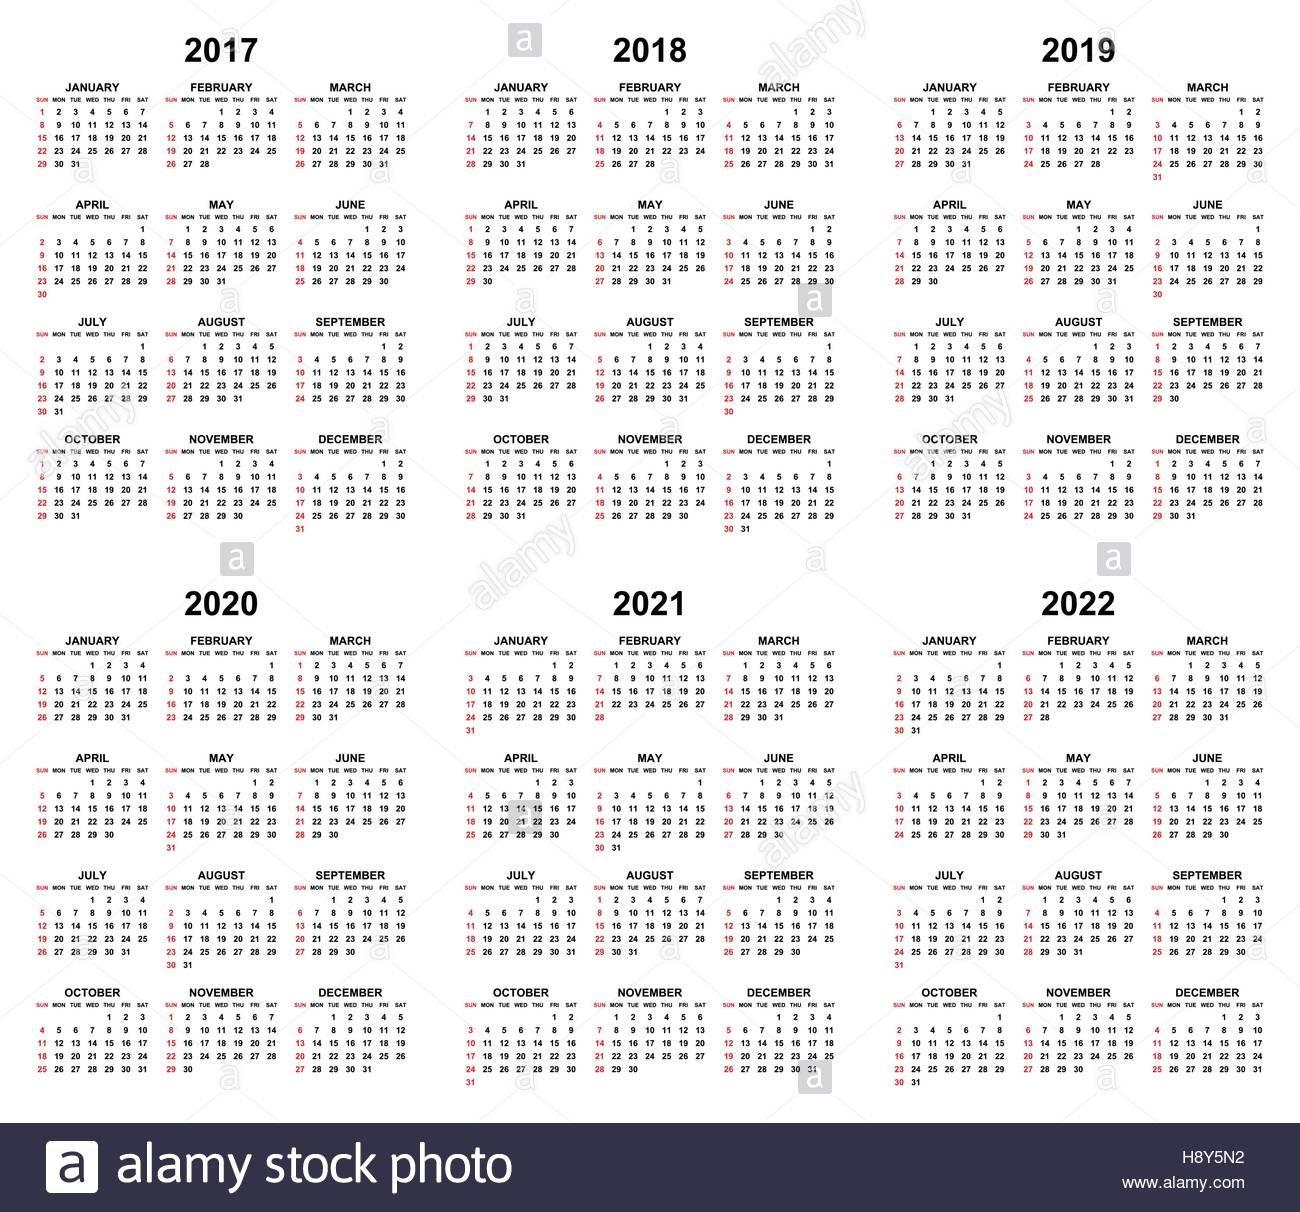 Simple Editable Vector Calendars For Year 2017 2018 2019 2020 2021 4 Year Calendar 2019 To 2022